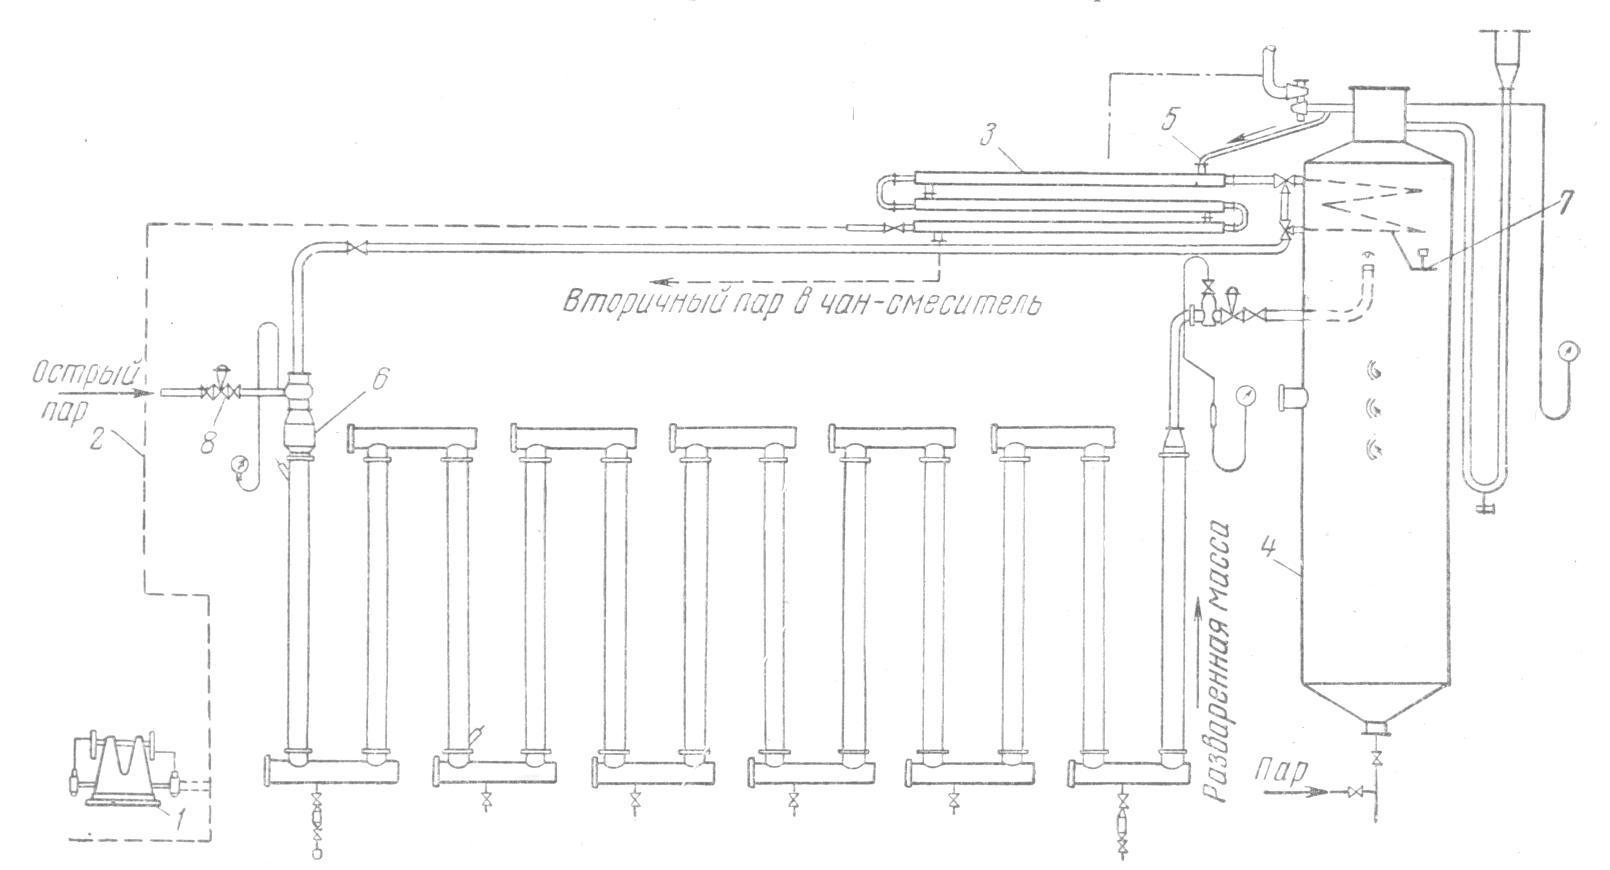 Схема спиртовой завод